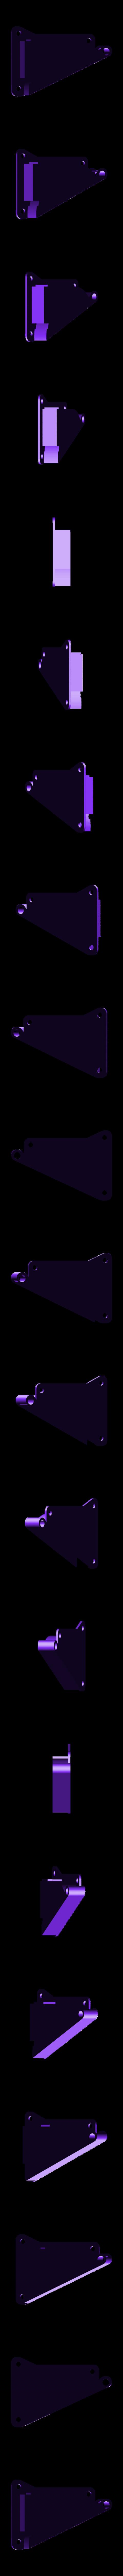 bracket_backfan.stl Download free STL file Easy exchange filament extruder • Model to 3D print, Job